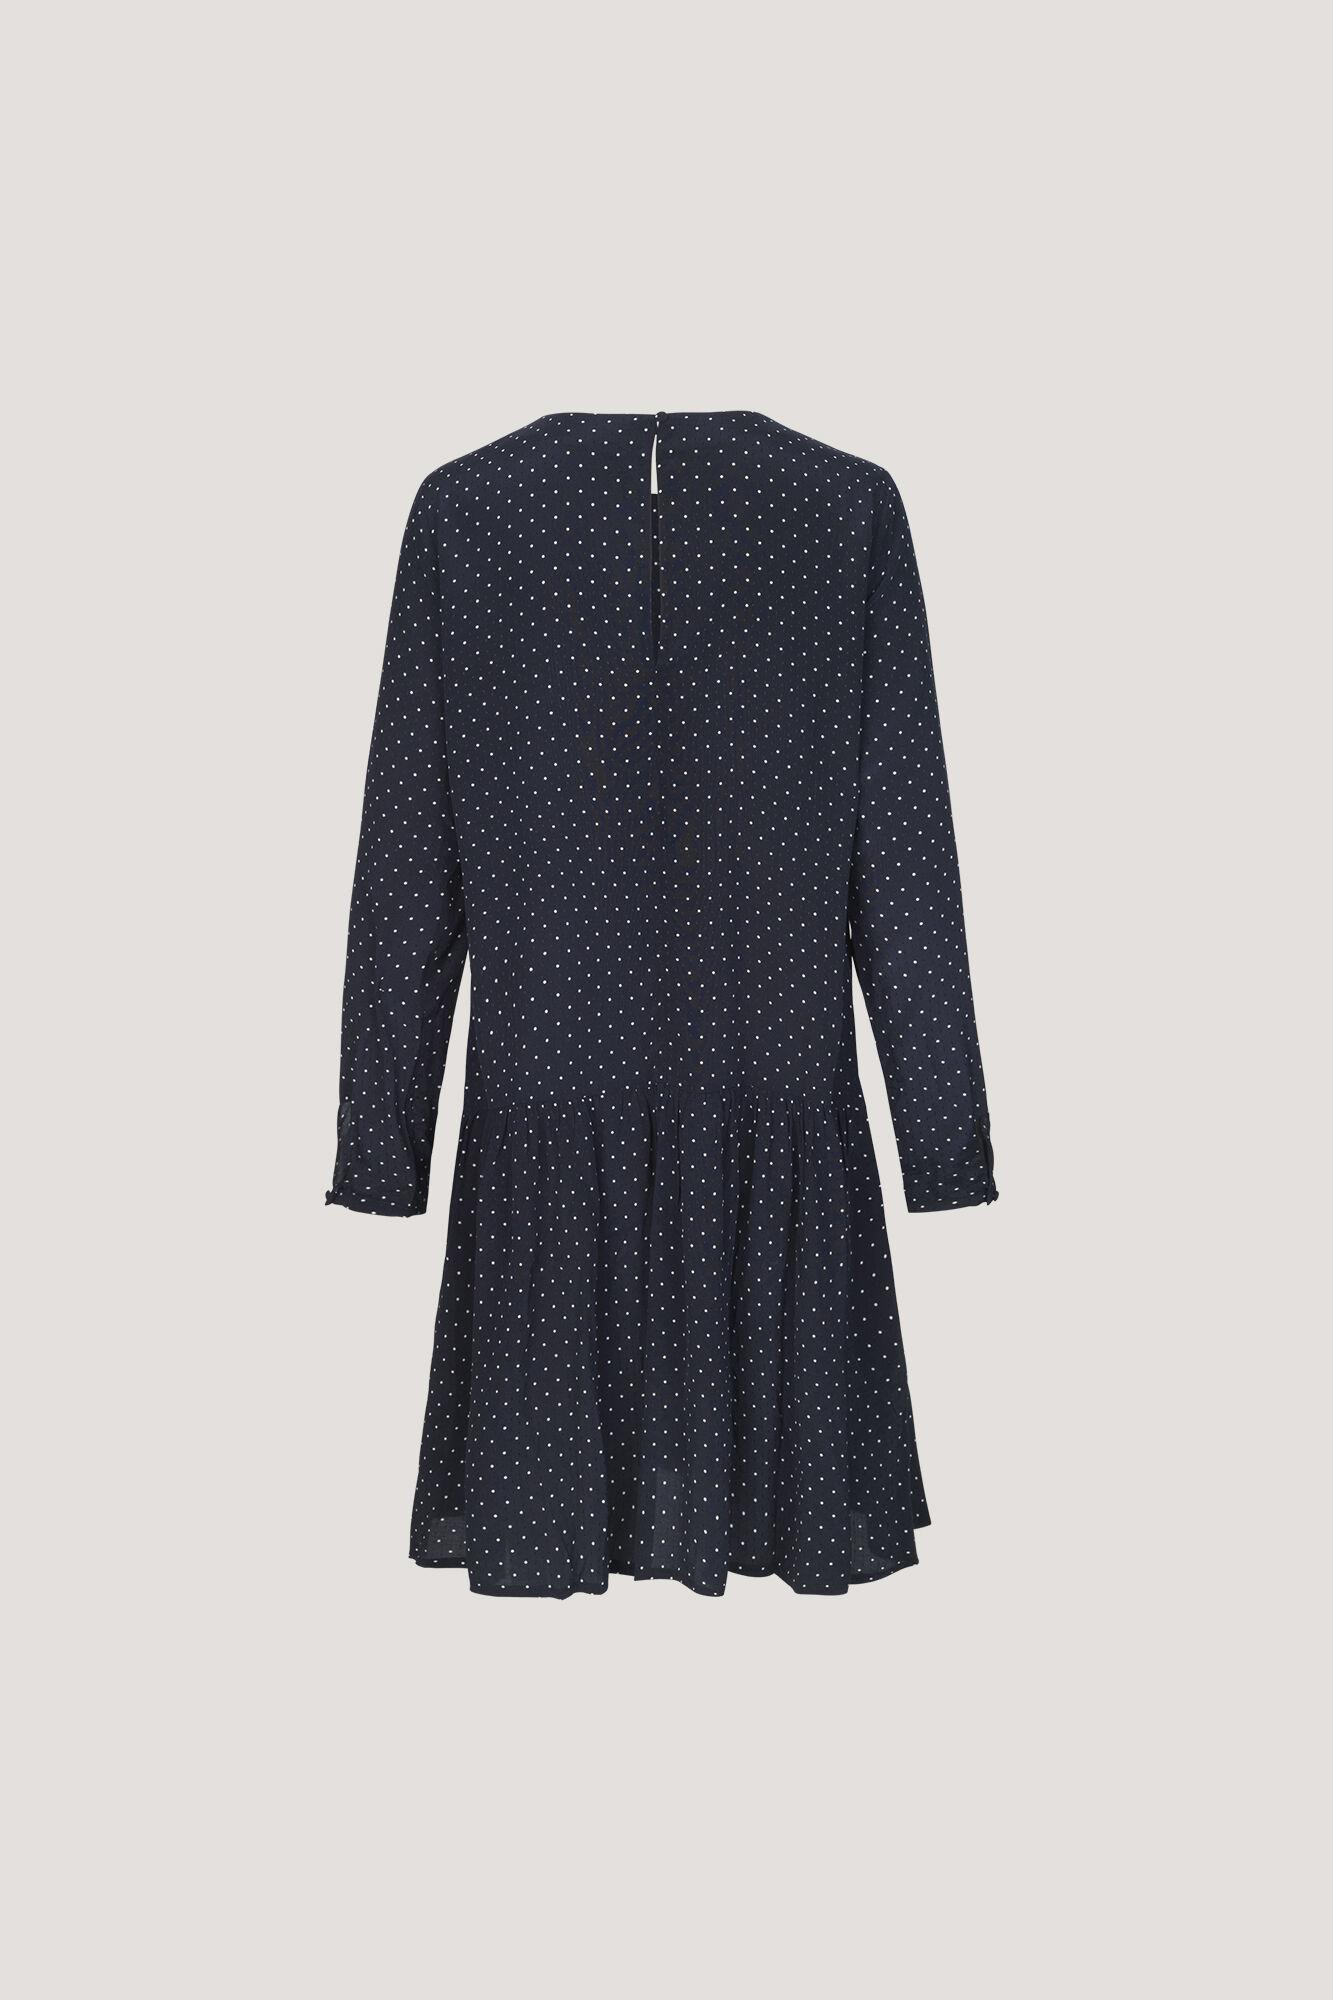 Mille ls dress aop 10458